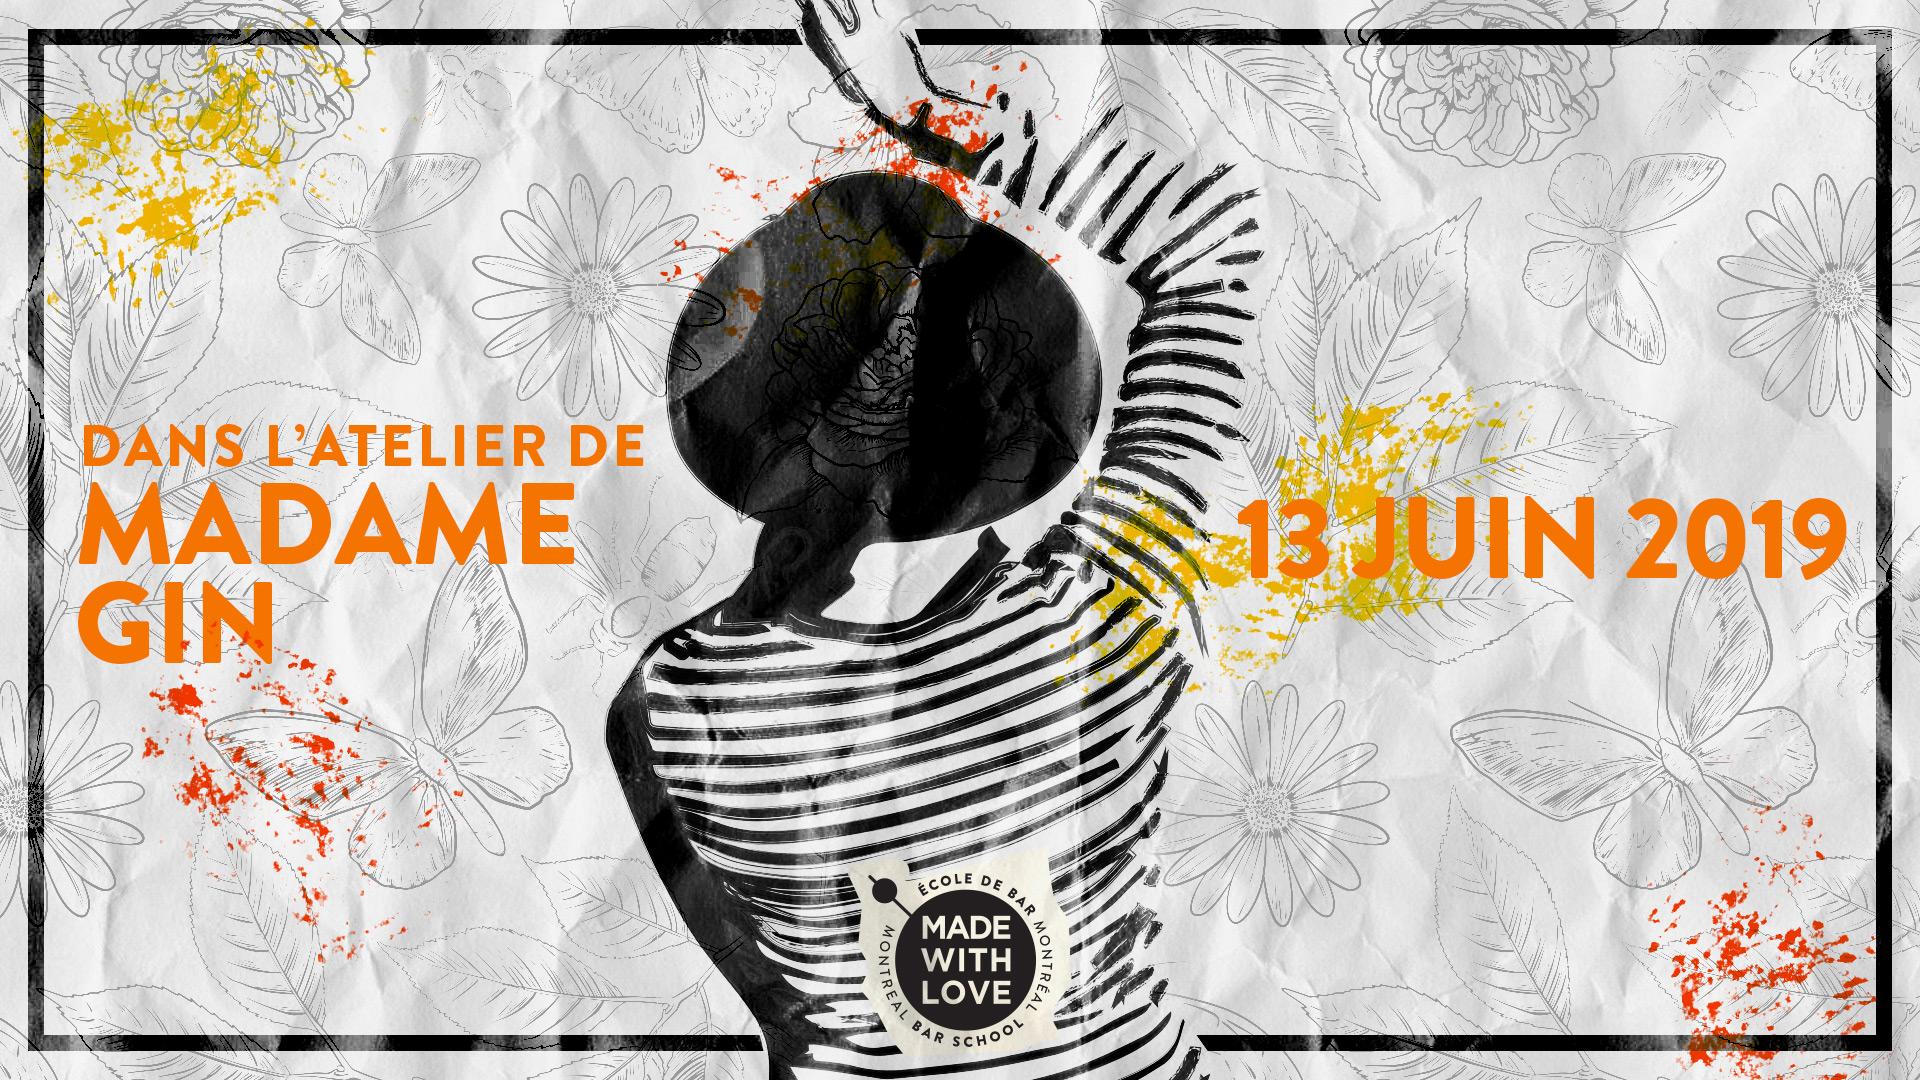 Nouvelle date – Dans l'Atelier de Madame Gin – 13 juin